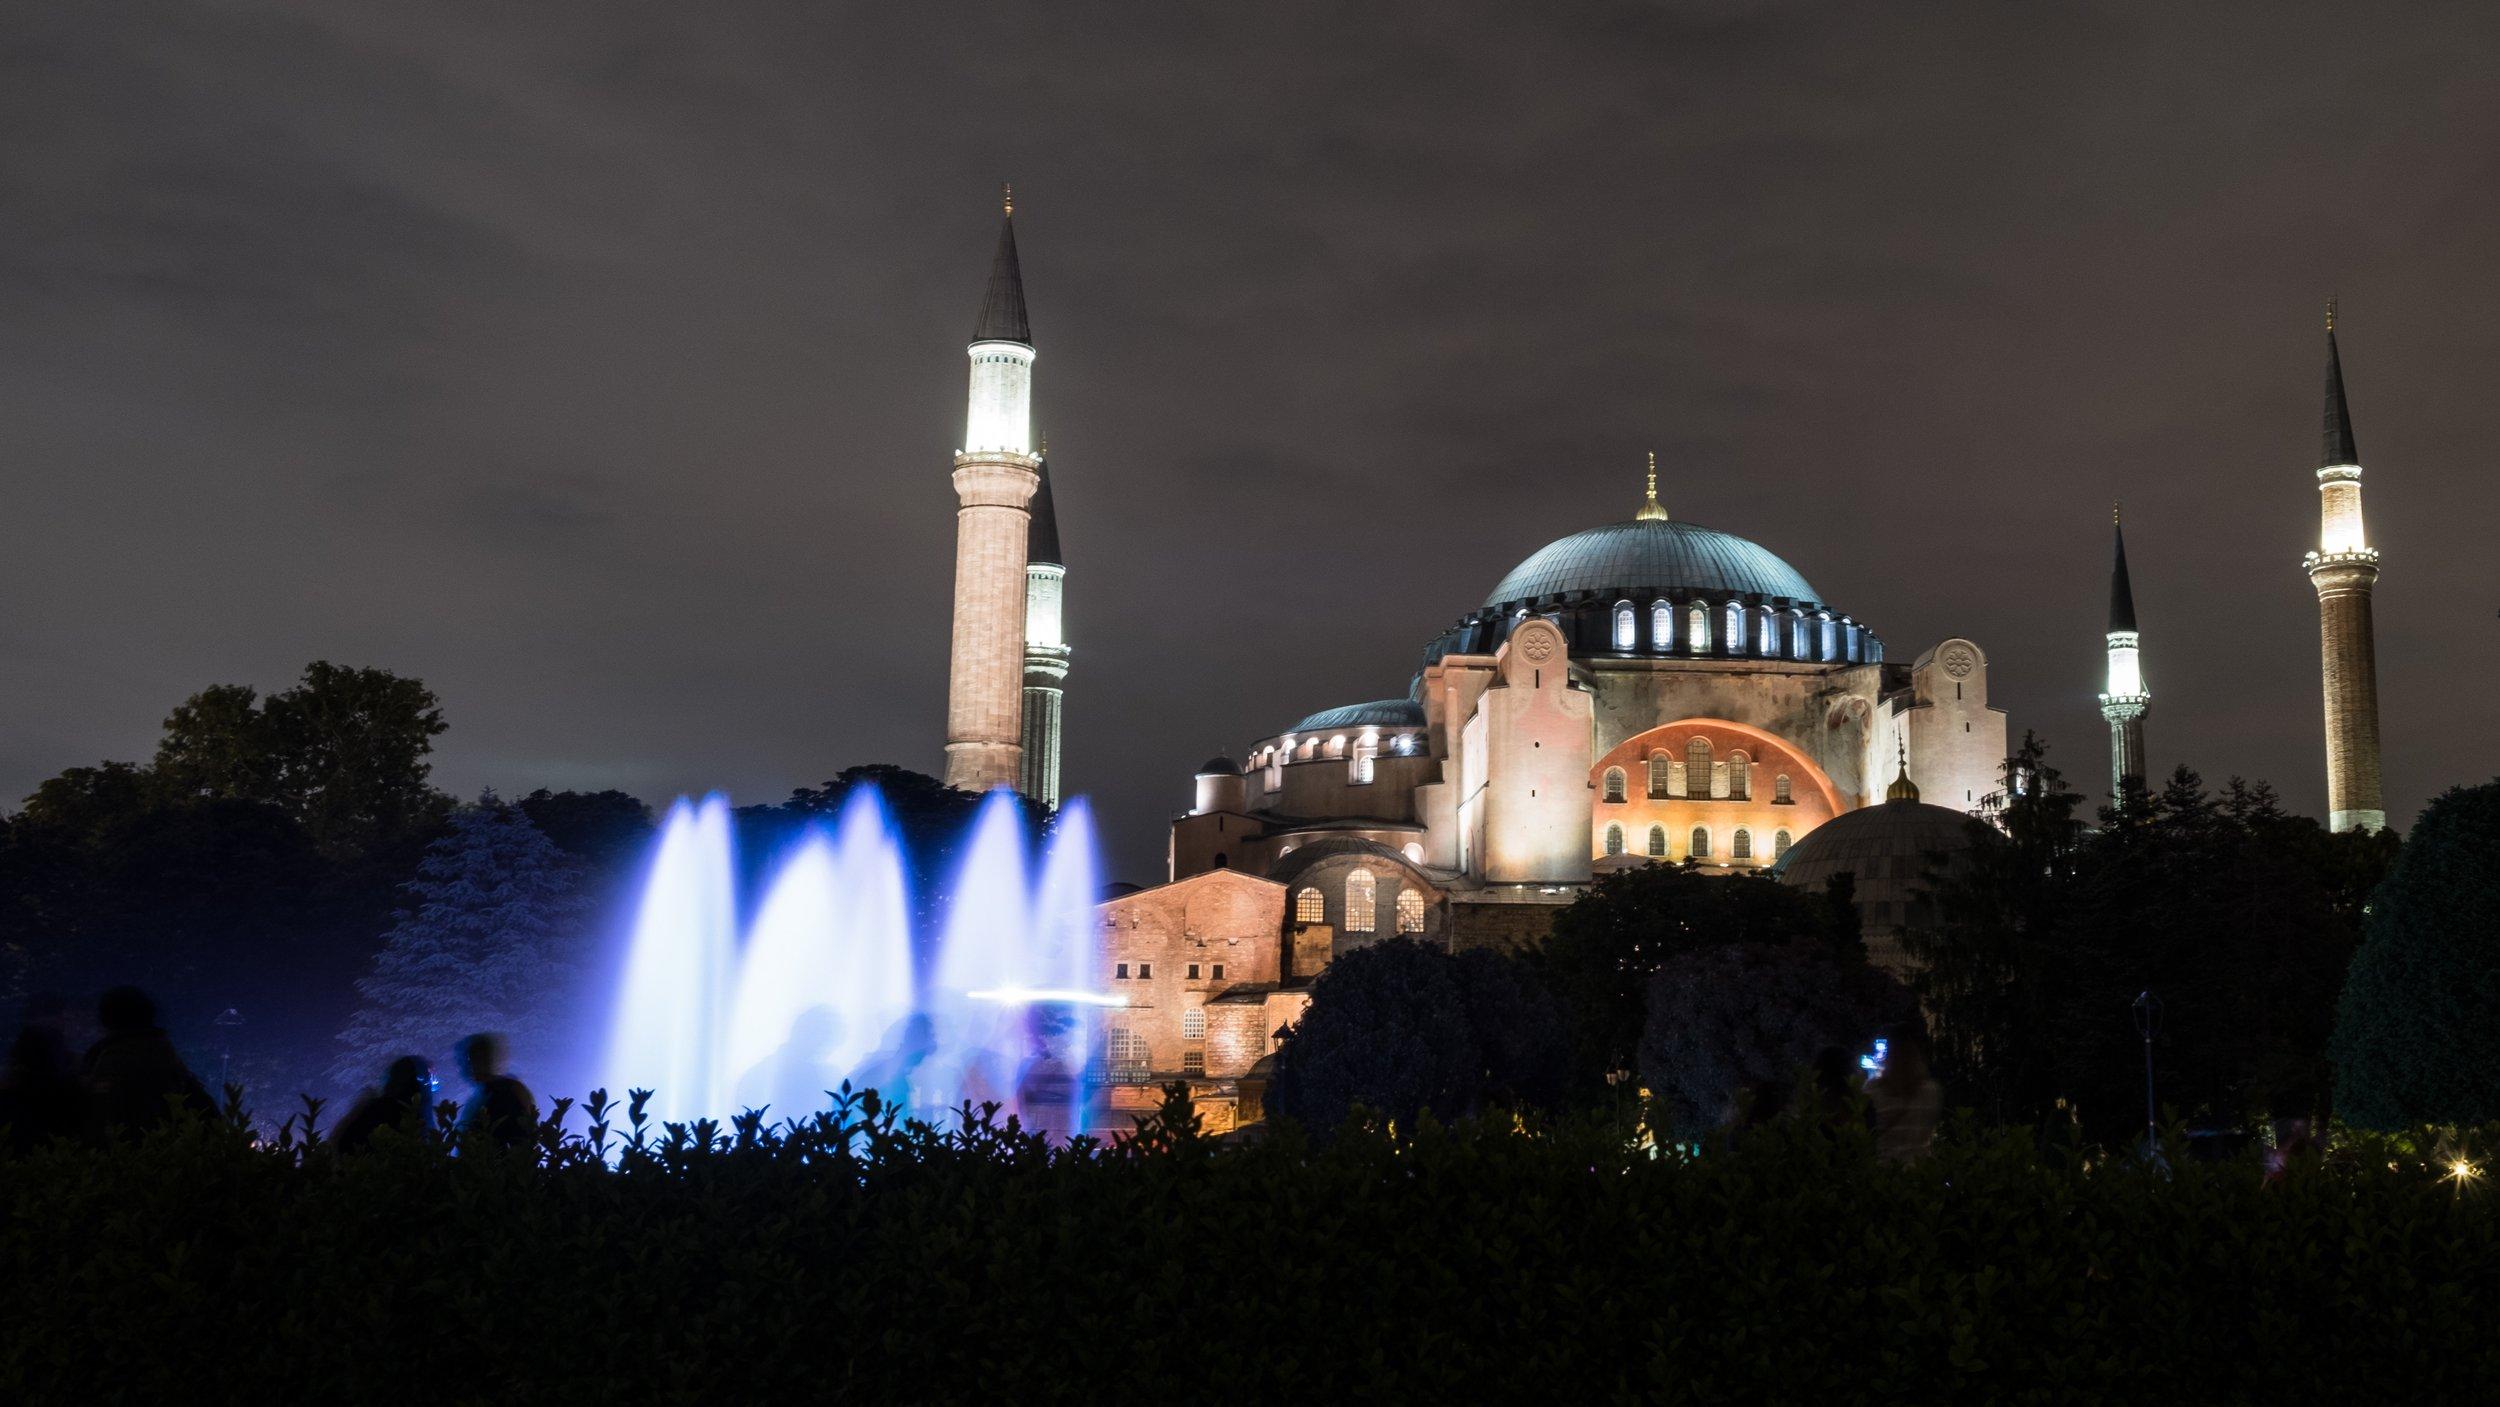 伊斯坦布尔(土耳其语:İstanbul)是土耳其经济、文化、金融、新闻、贸易、交通中心,世界著名的旅游胜地,繁华的国际大都市之一。位于巴尔干半岛东端,博斯普鲁斯海峡南口西岸。伊斯坦布尔市分成三个区:位于欧洲的旧城区和贝伊奥卢商业区,以及位于亚洲的于斯屈达尔区。风光秀丽、古迹繁多、交通便利、商业发达,使伊斯坦布尔成为一座世界著名的旅游城市,也是欧亚两大洲共有的一颗明珠。